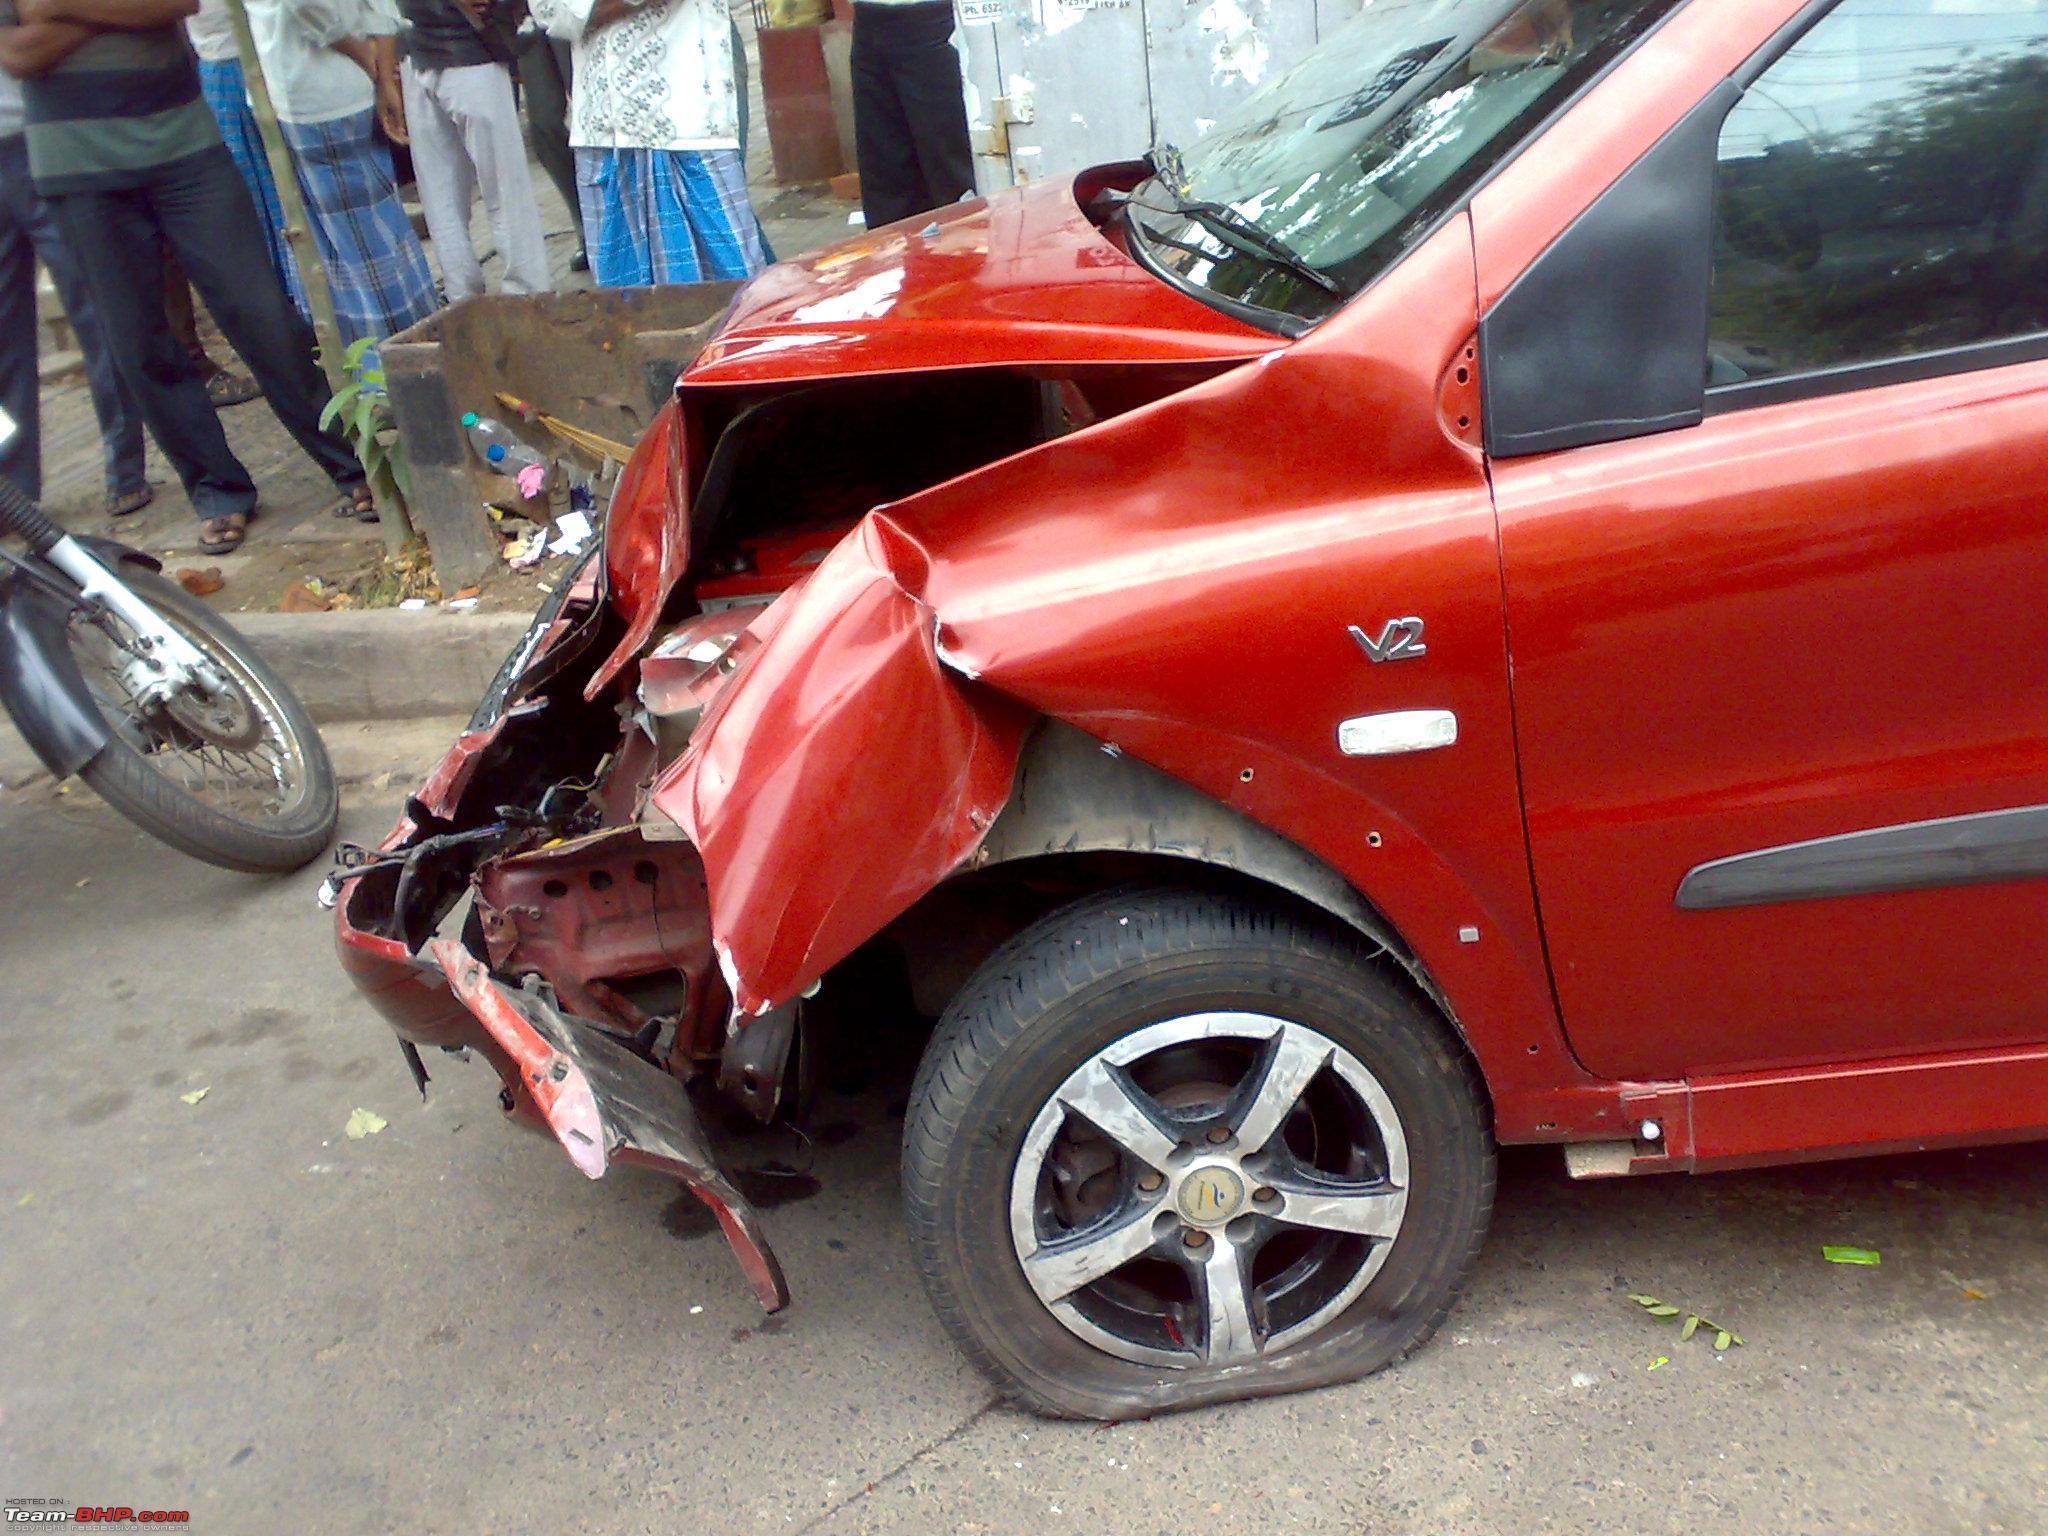 tata motors, service centres, insurance cos - all one big nexus